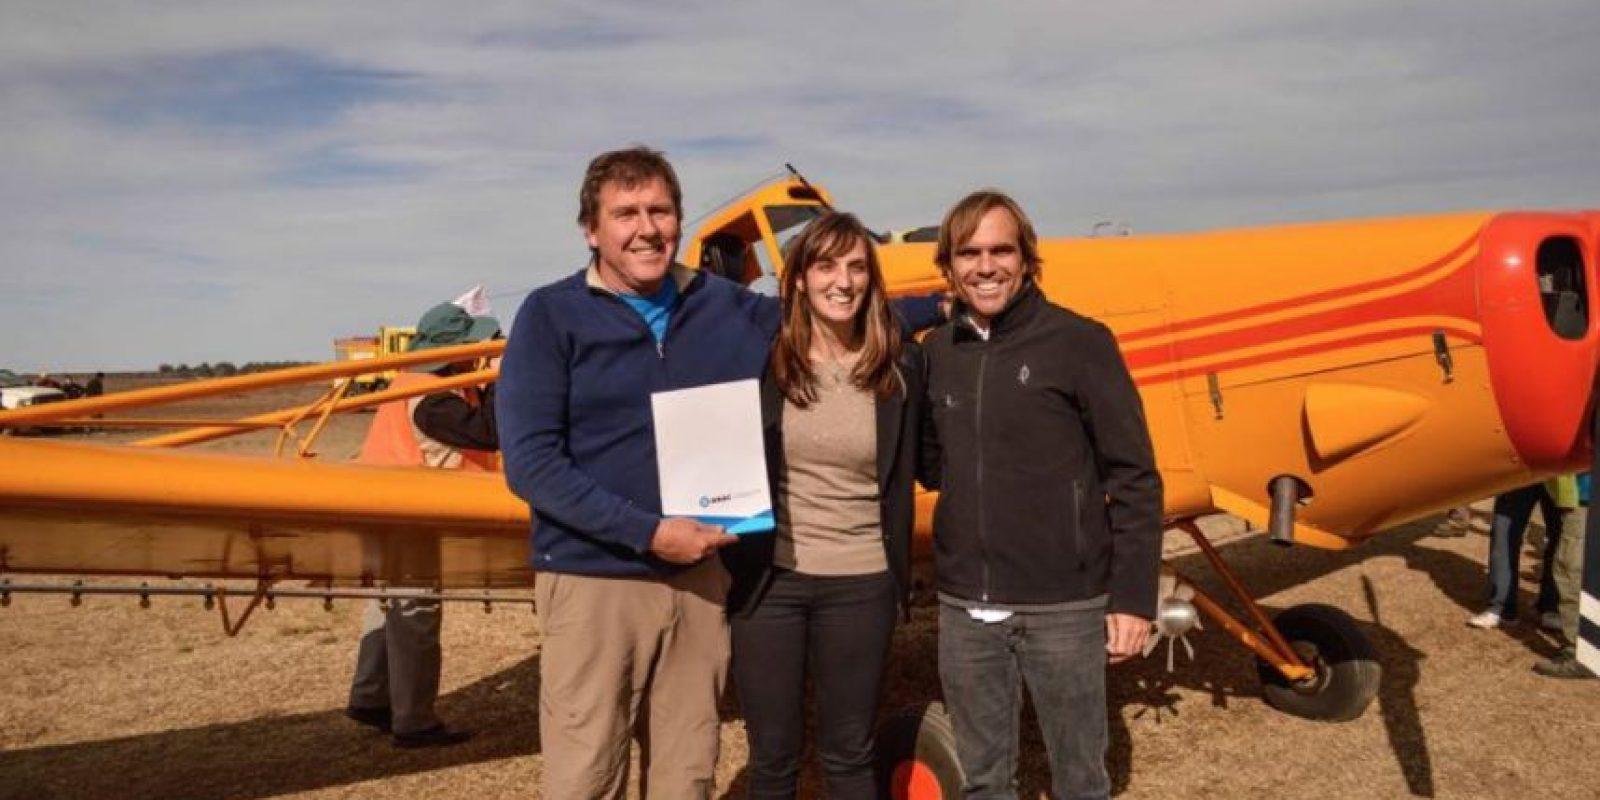 María Luz Alonso otorgó el avión al club de Planeadores Santa Rosa. Foto:Vía facebook.com/María-Luz-Luchy-Alonso